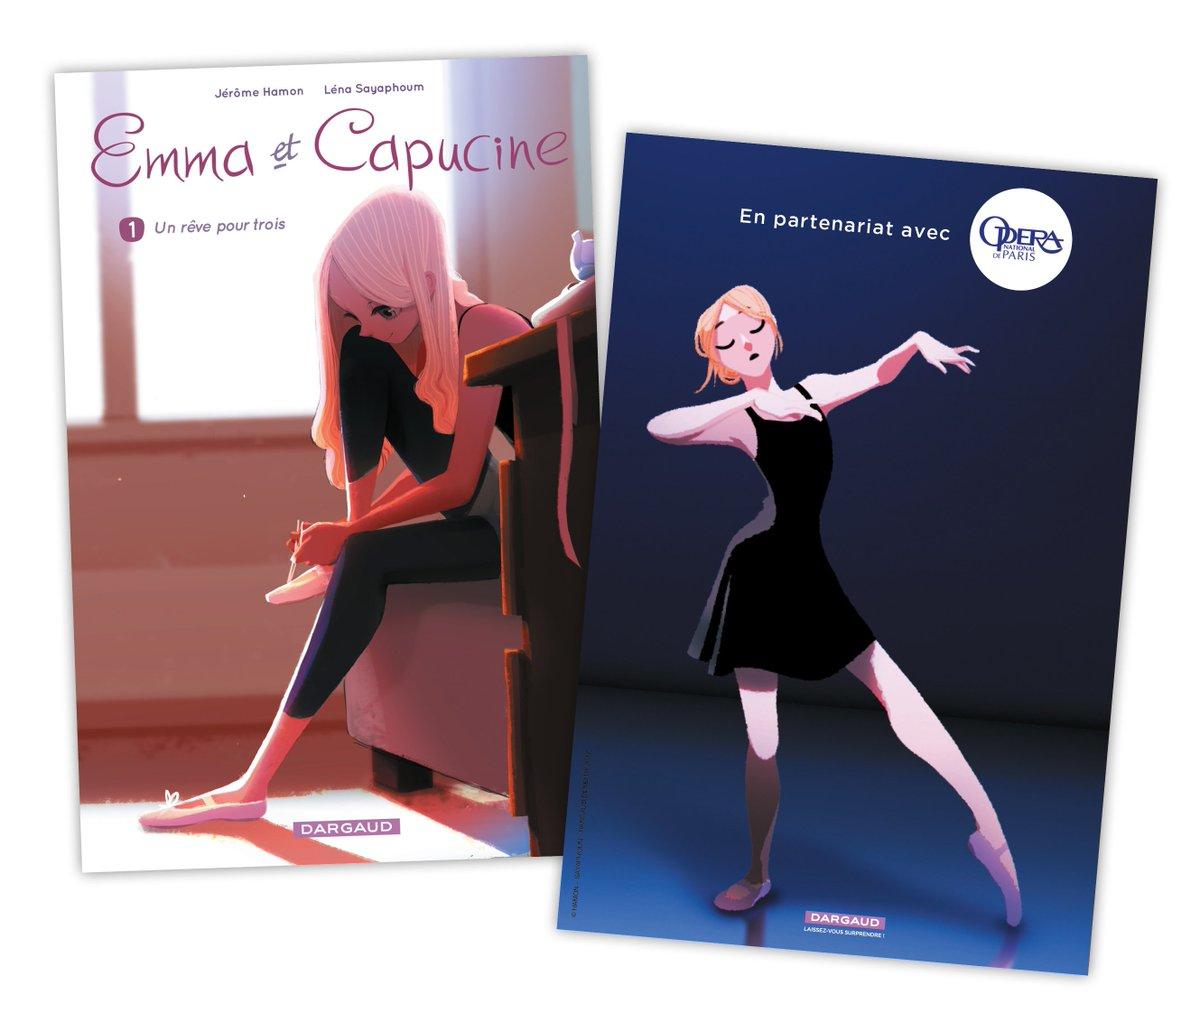 Rencontre avec Lena Sayaphoum auteure de Emma et Capucine chez @EditionsDargaud - à @IndigoGranville Samedi 3 juin 16h00! https://t.co/SjWwAt4Qqq